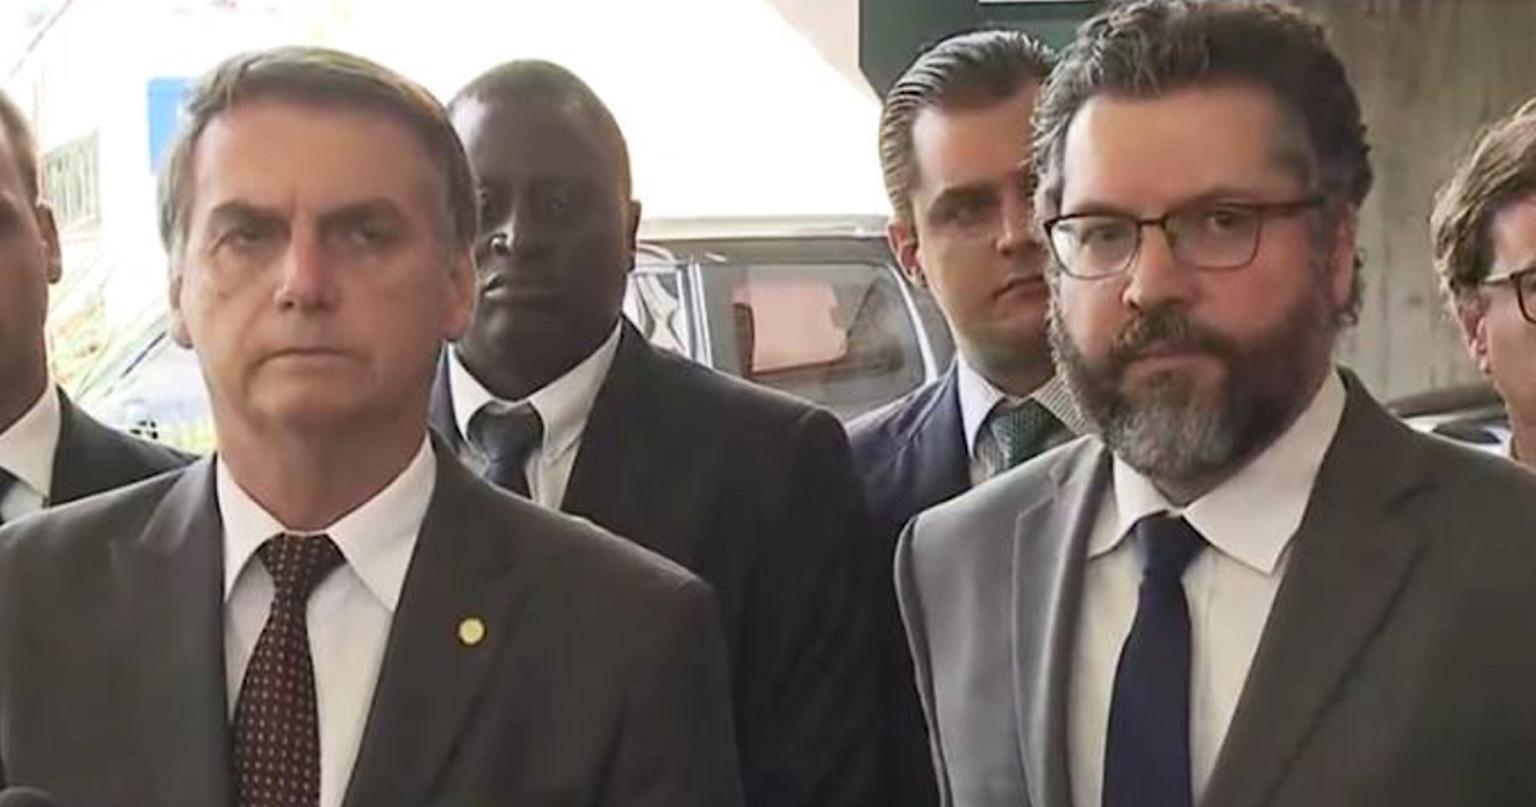 E agora, Bolsonaro e Ernesto? Como vocês tratarão a China?